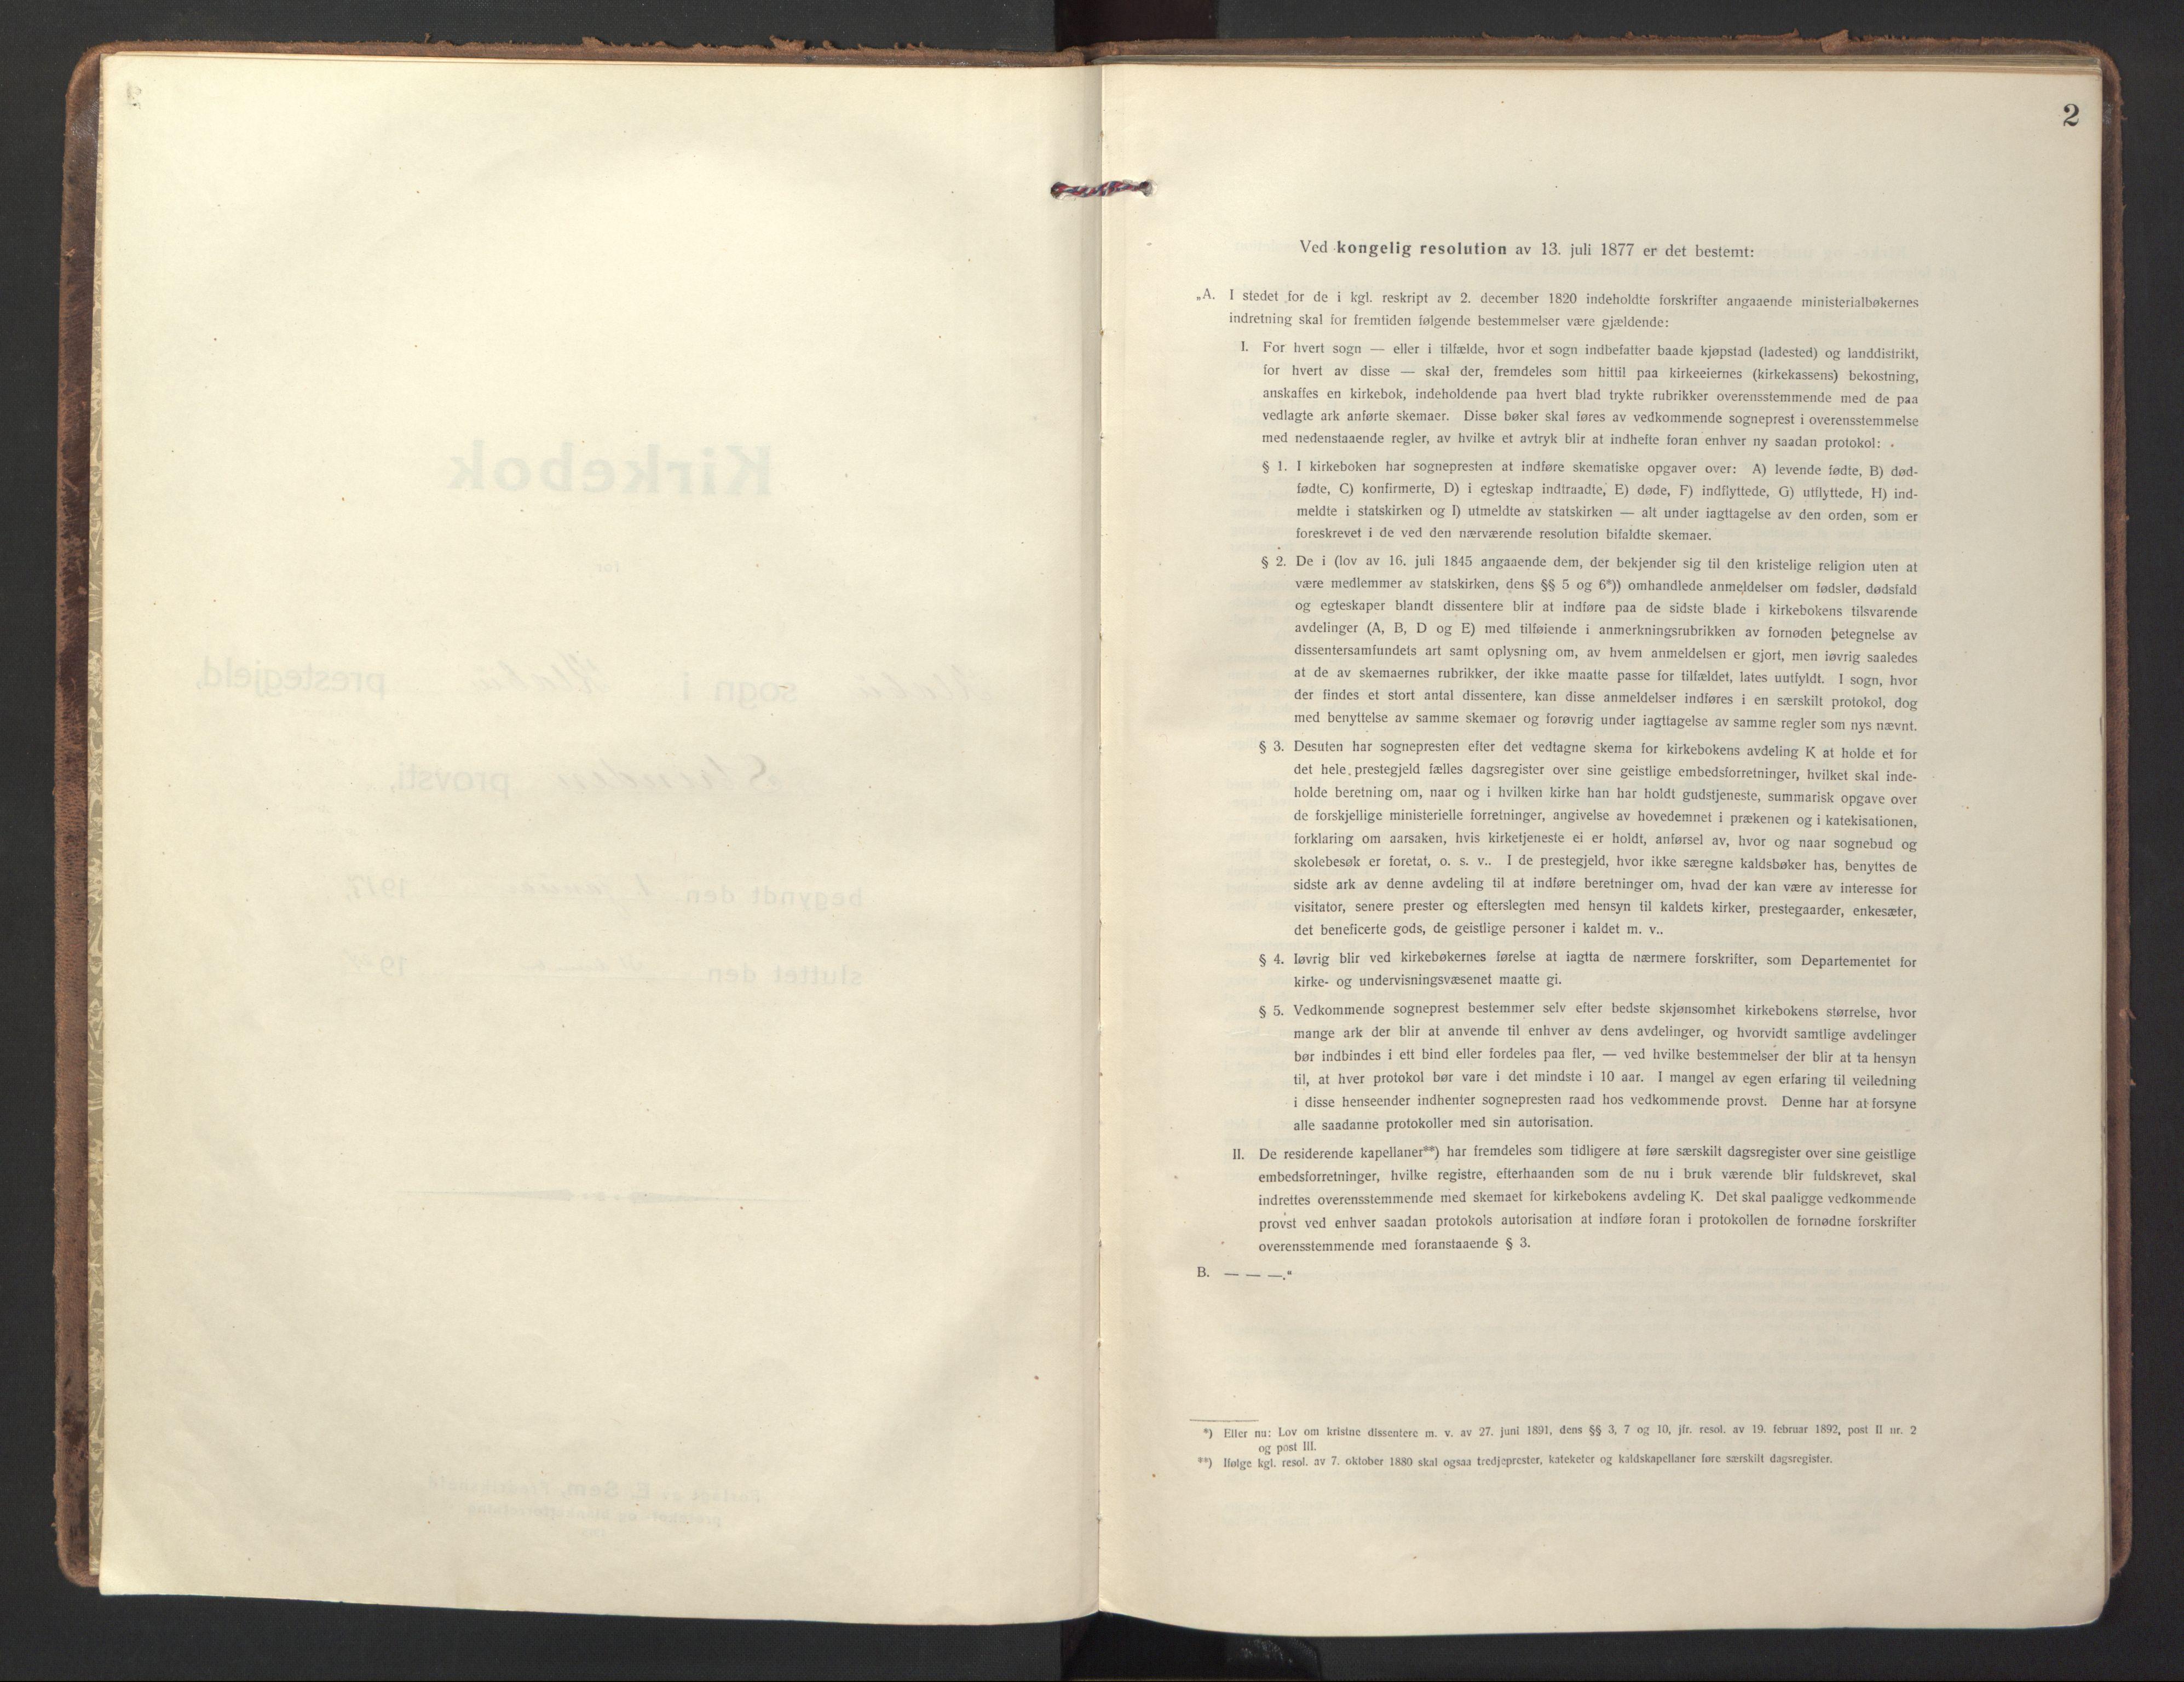 SAT, Ministerialprotokoller, klokkerbøker og fødselsregistre - Sør-Trøndelag, 618/L0449: Ministerialbok nr. 618A12, 1917-1924, s. 2